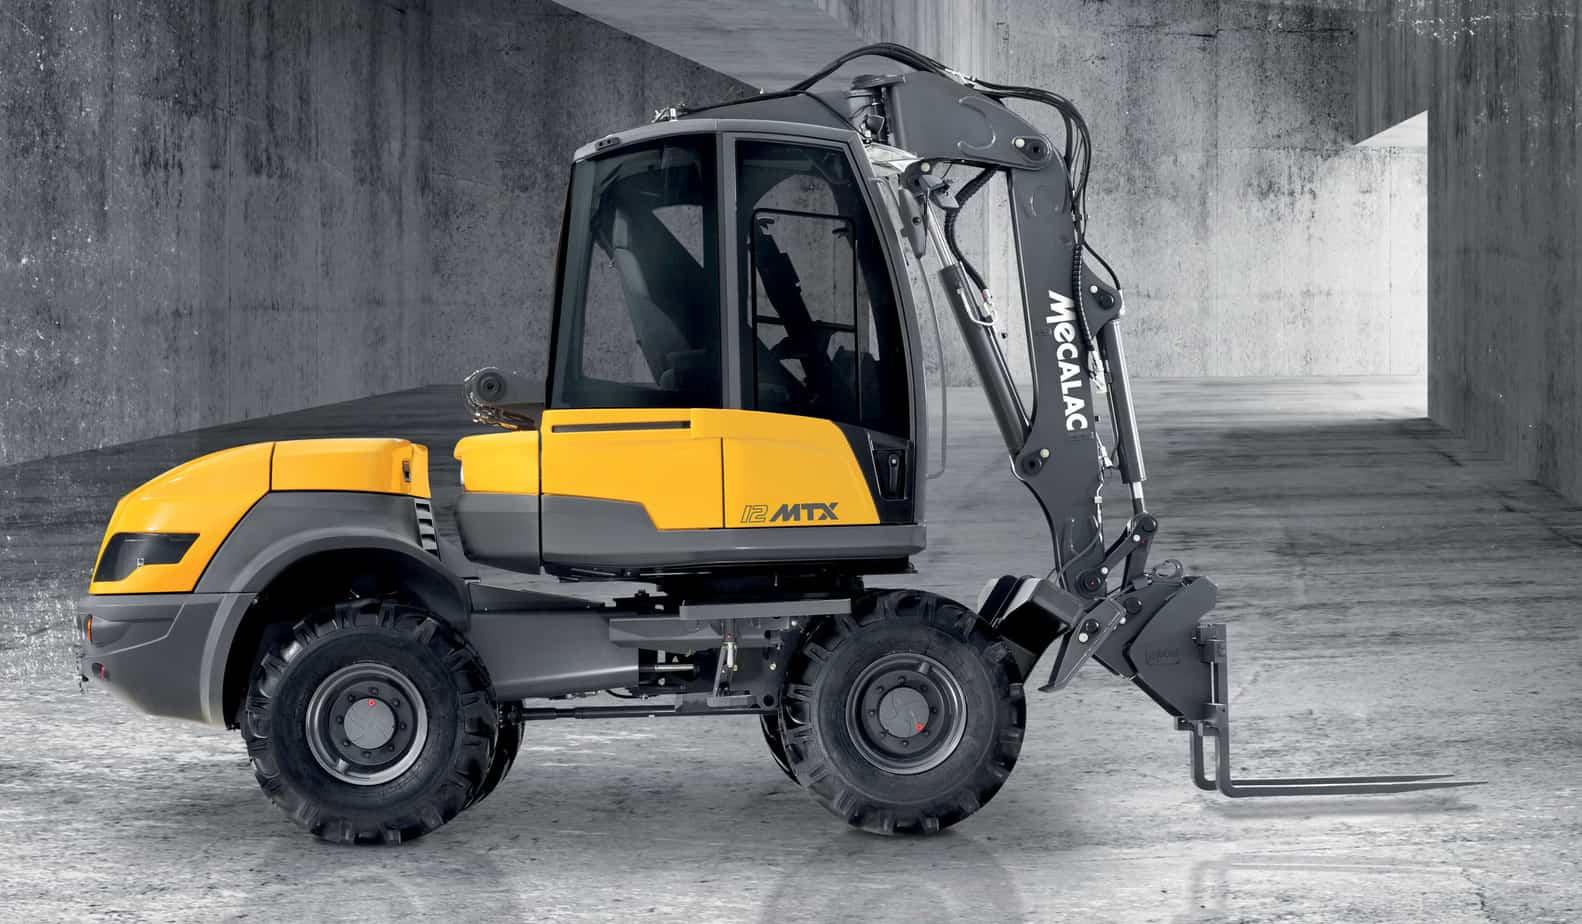 La 12MTX offre la garanzia di una redditività ottimale grazie a delle prestazioni inedite e a una semplicità d'uso